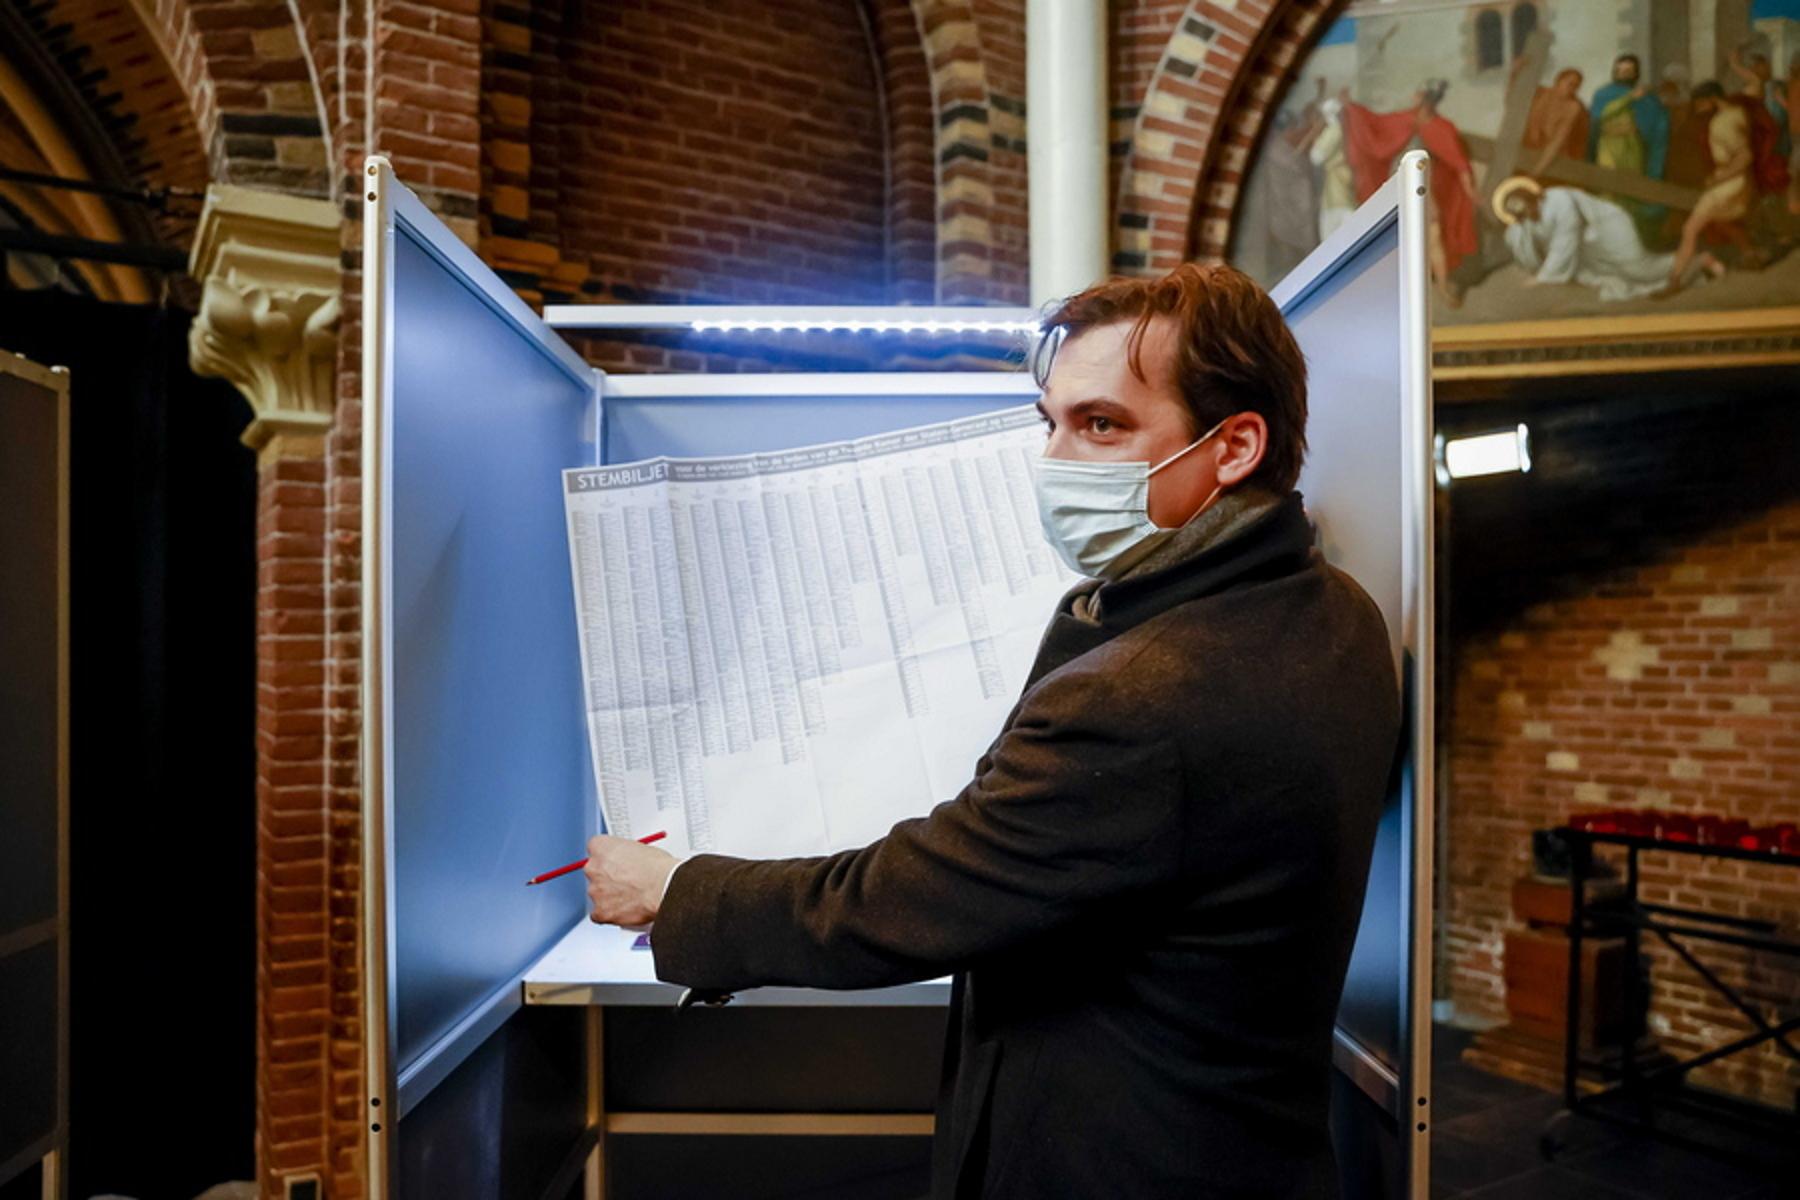 Ολλανδία: Εκλογές προσαρμοσμένες στην πανδημία –Το κόκκινο μολύβι και ο κίνδυνος μετάδοσης